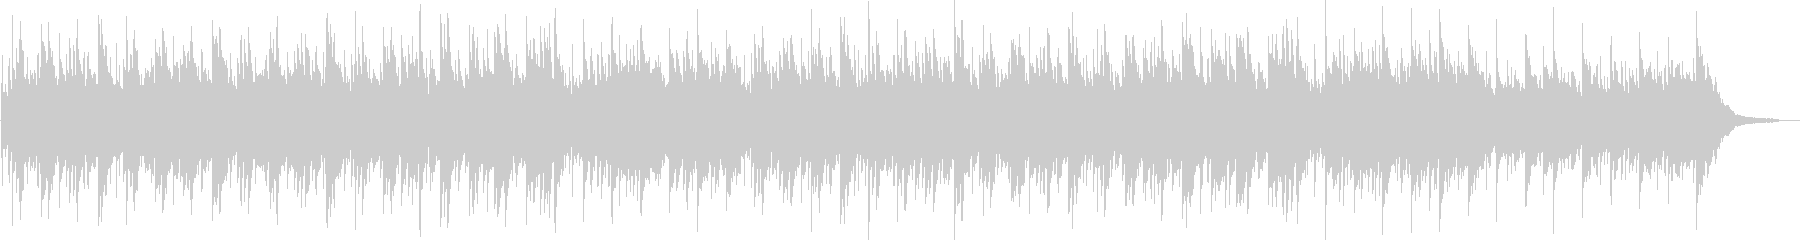 ギターとピアノの優しいヒーリングBGMの未再生の波形